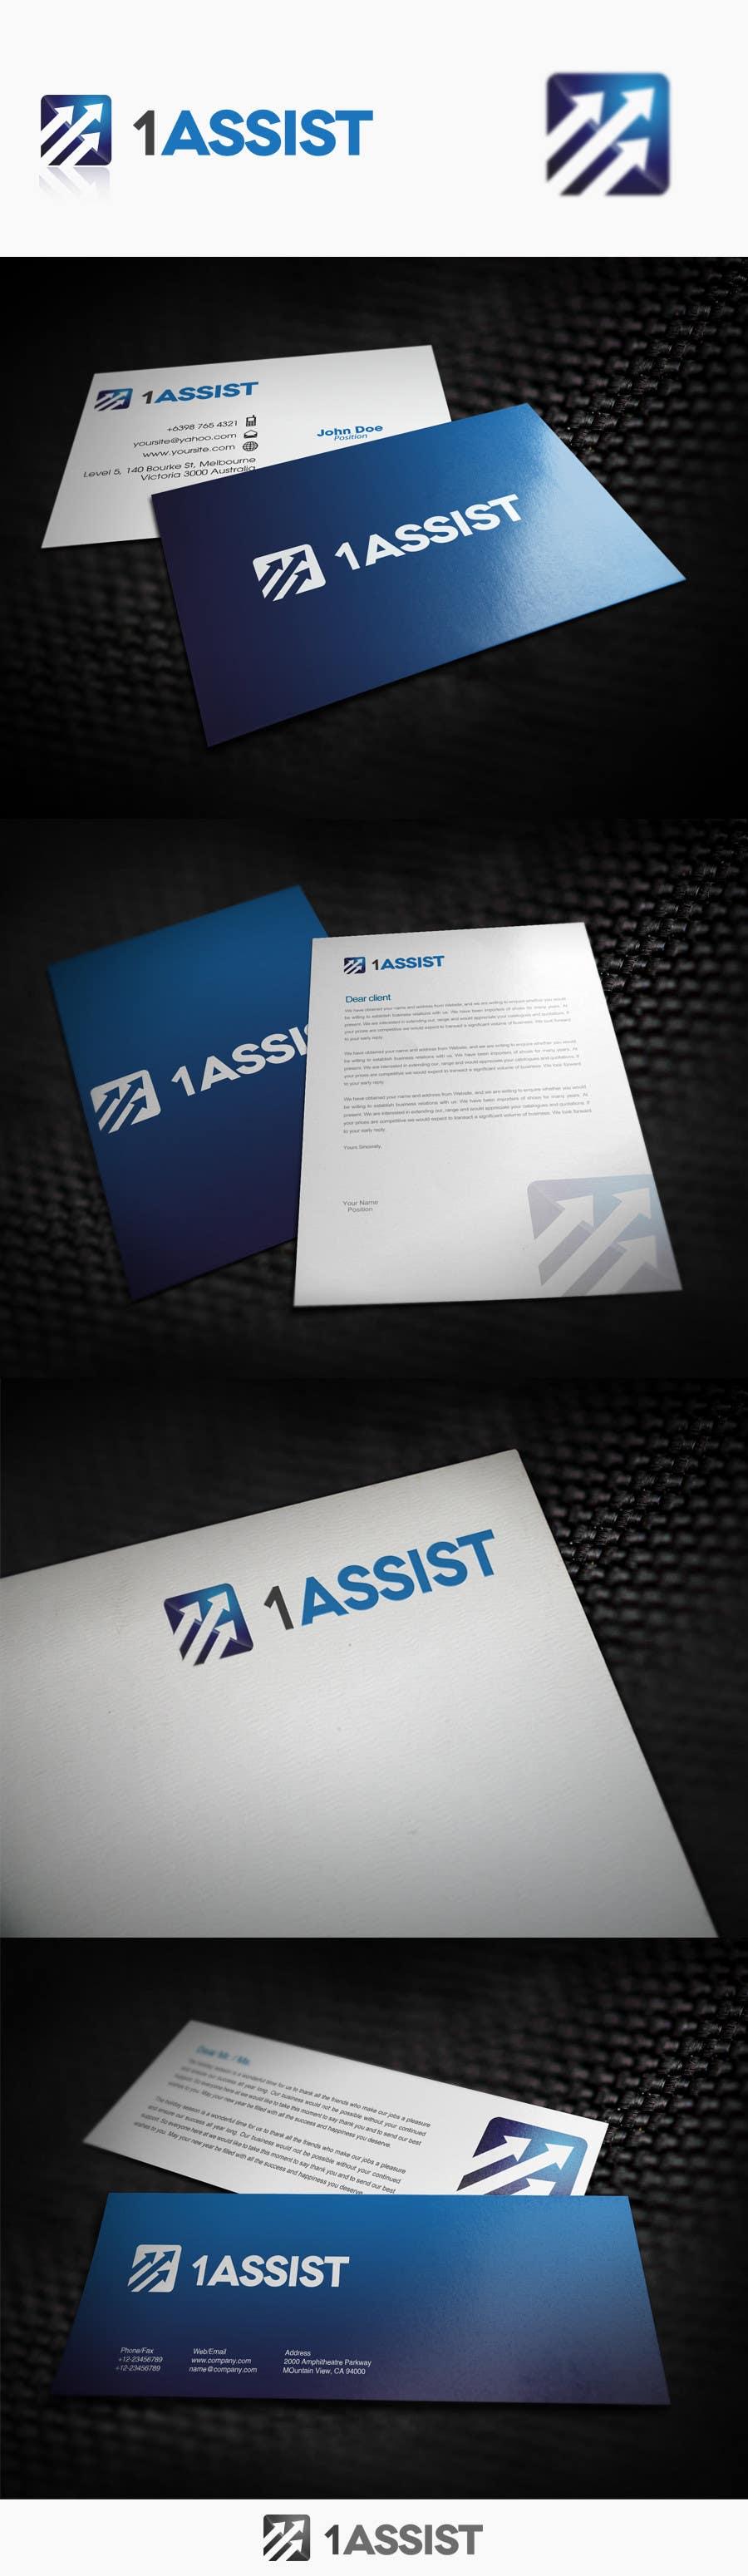 Penyertaan Peraduan #242 untuk Logo Design for 1 Assist